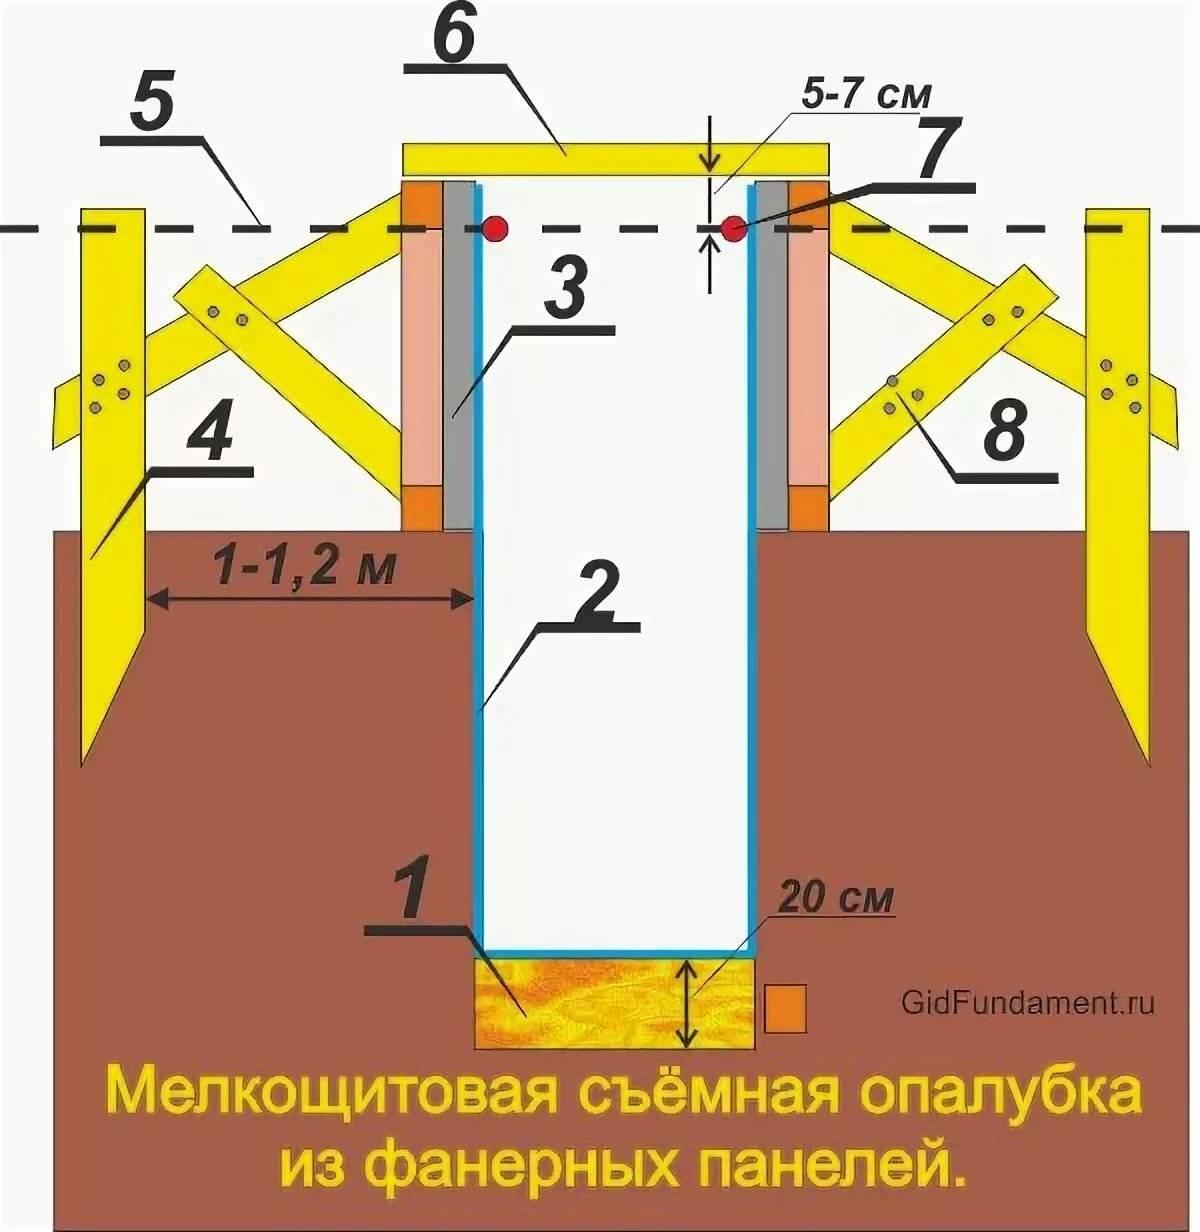 Опалубка для фундамента: подробная инструкция как правильно сделать съемную и несъемную опалубку для различных типов фундаментов